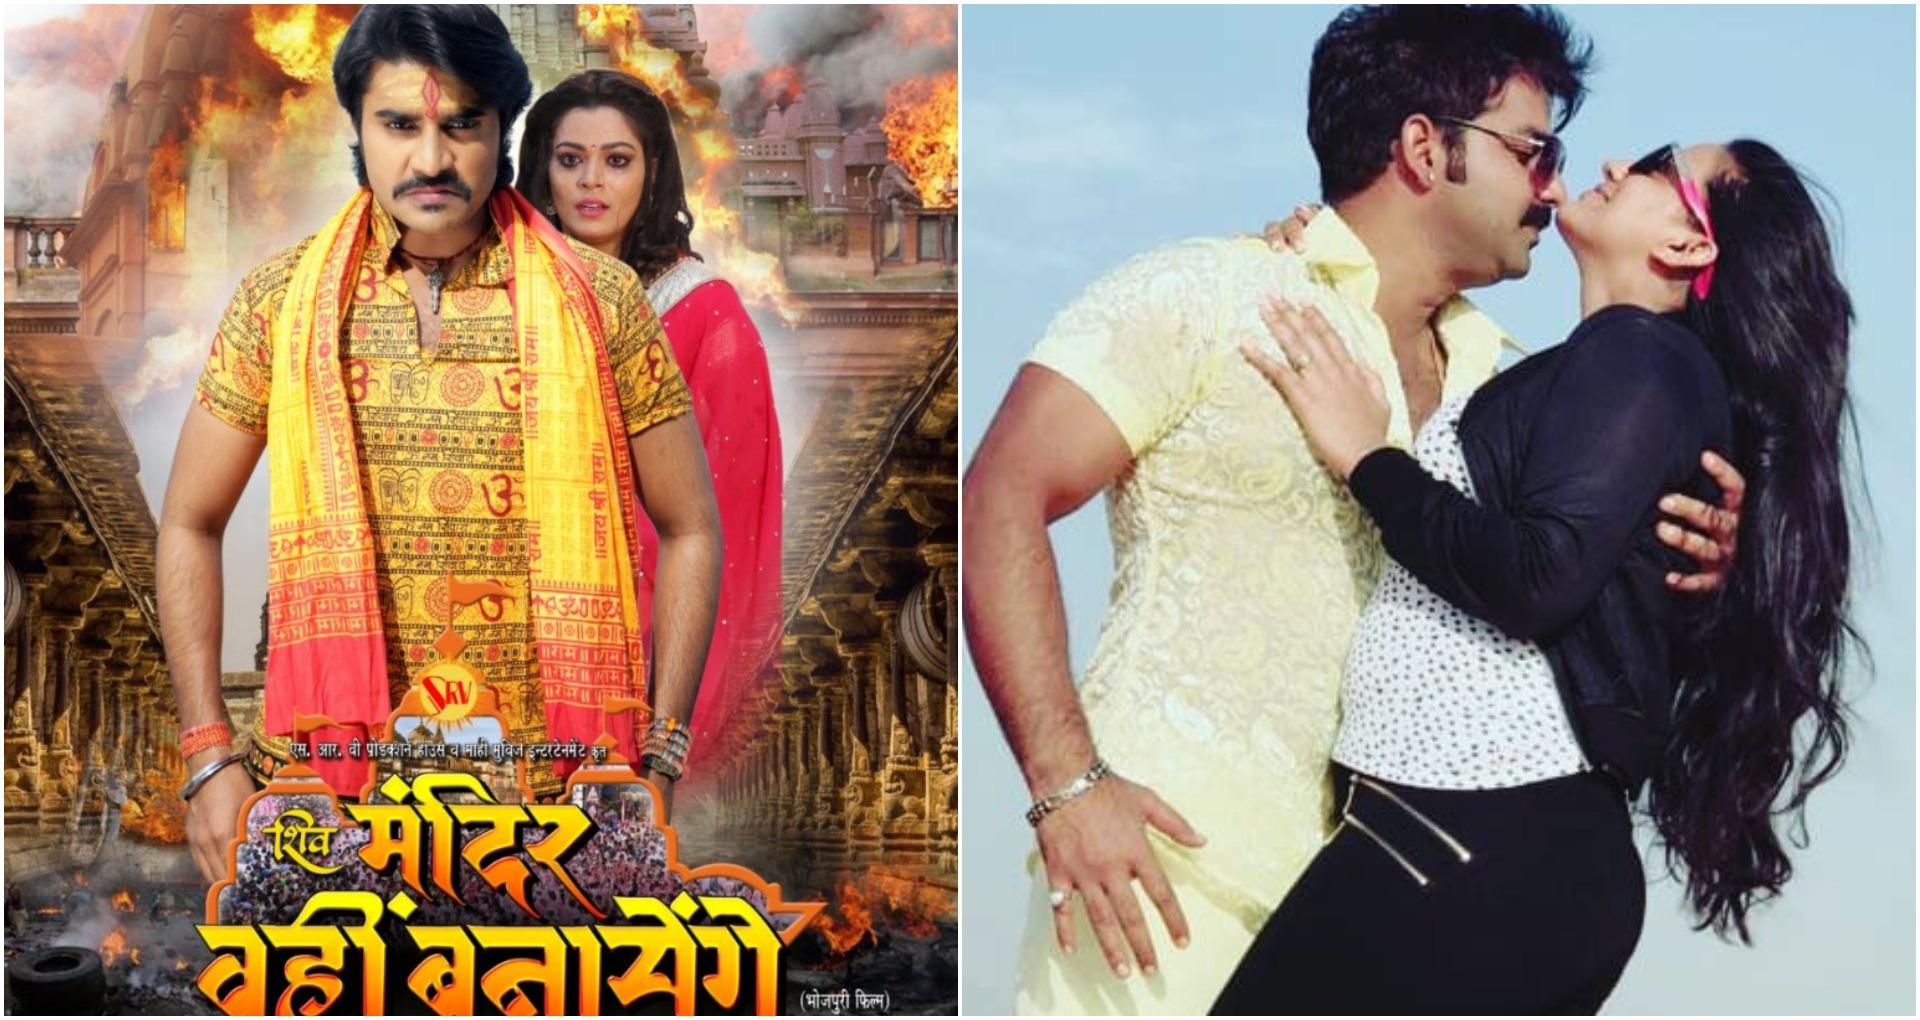 भोजपुरी बुलेटिन: प्रदीप पांडे की फिल्म 'मंदिर वही बनेगा' की रिलीज डेट तय, पवन-अक्षरा सिंह का यूट्यूब पर कब्जा